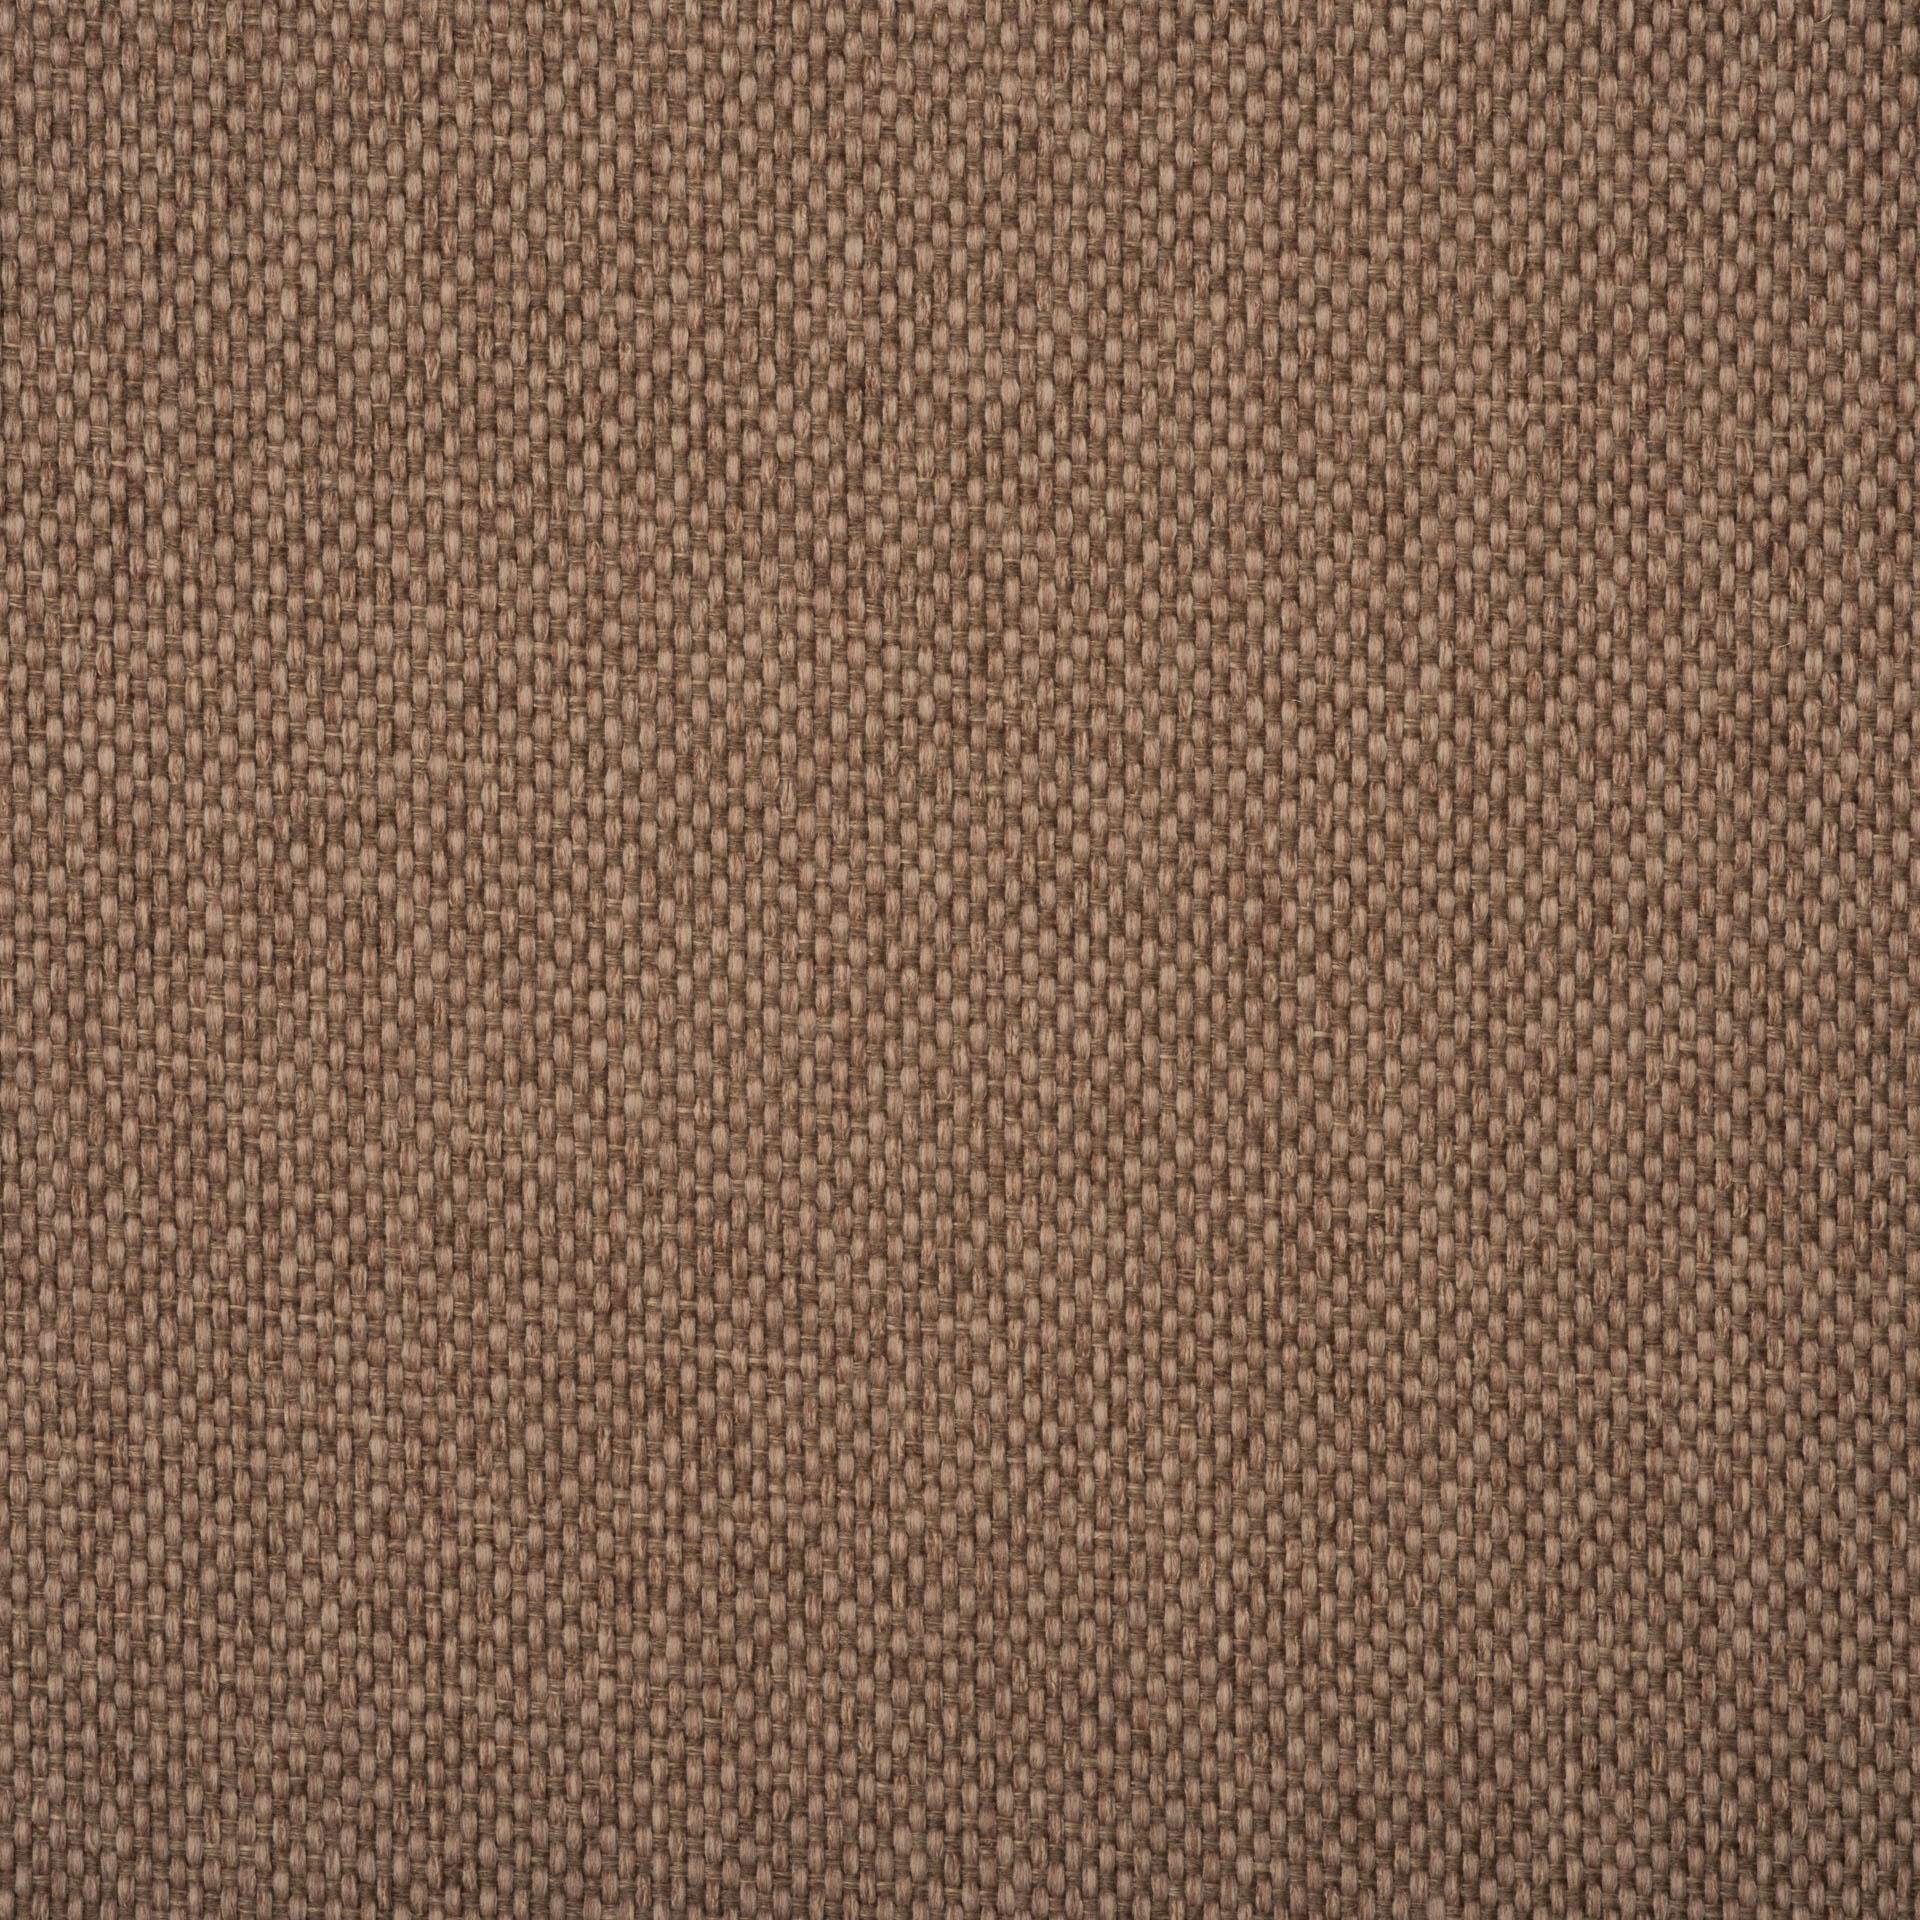 Коллекция ткани Багама 03 Caramel,  купить ткань Жаккард для мебели Украина